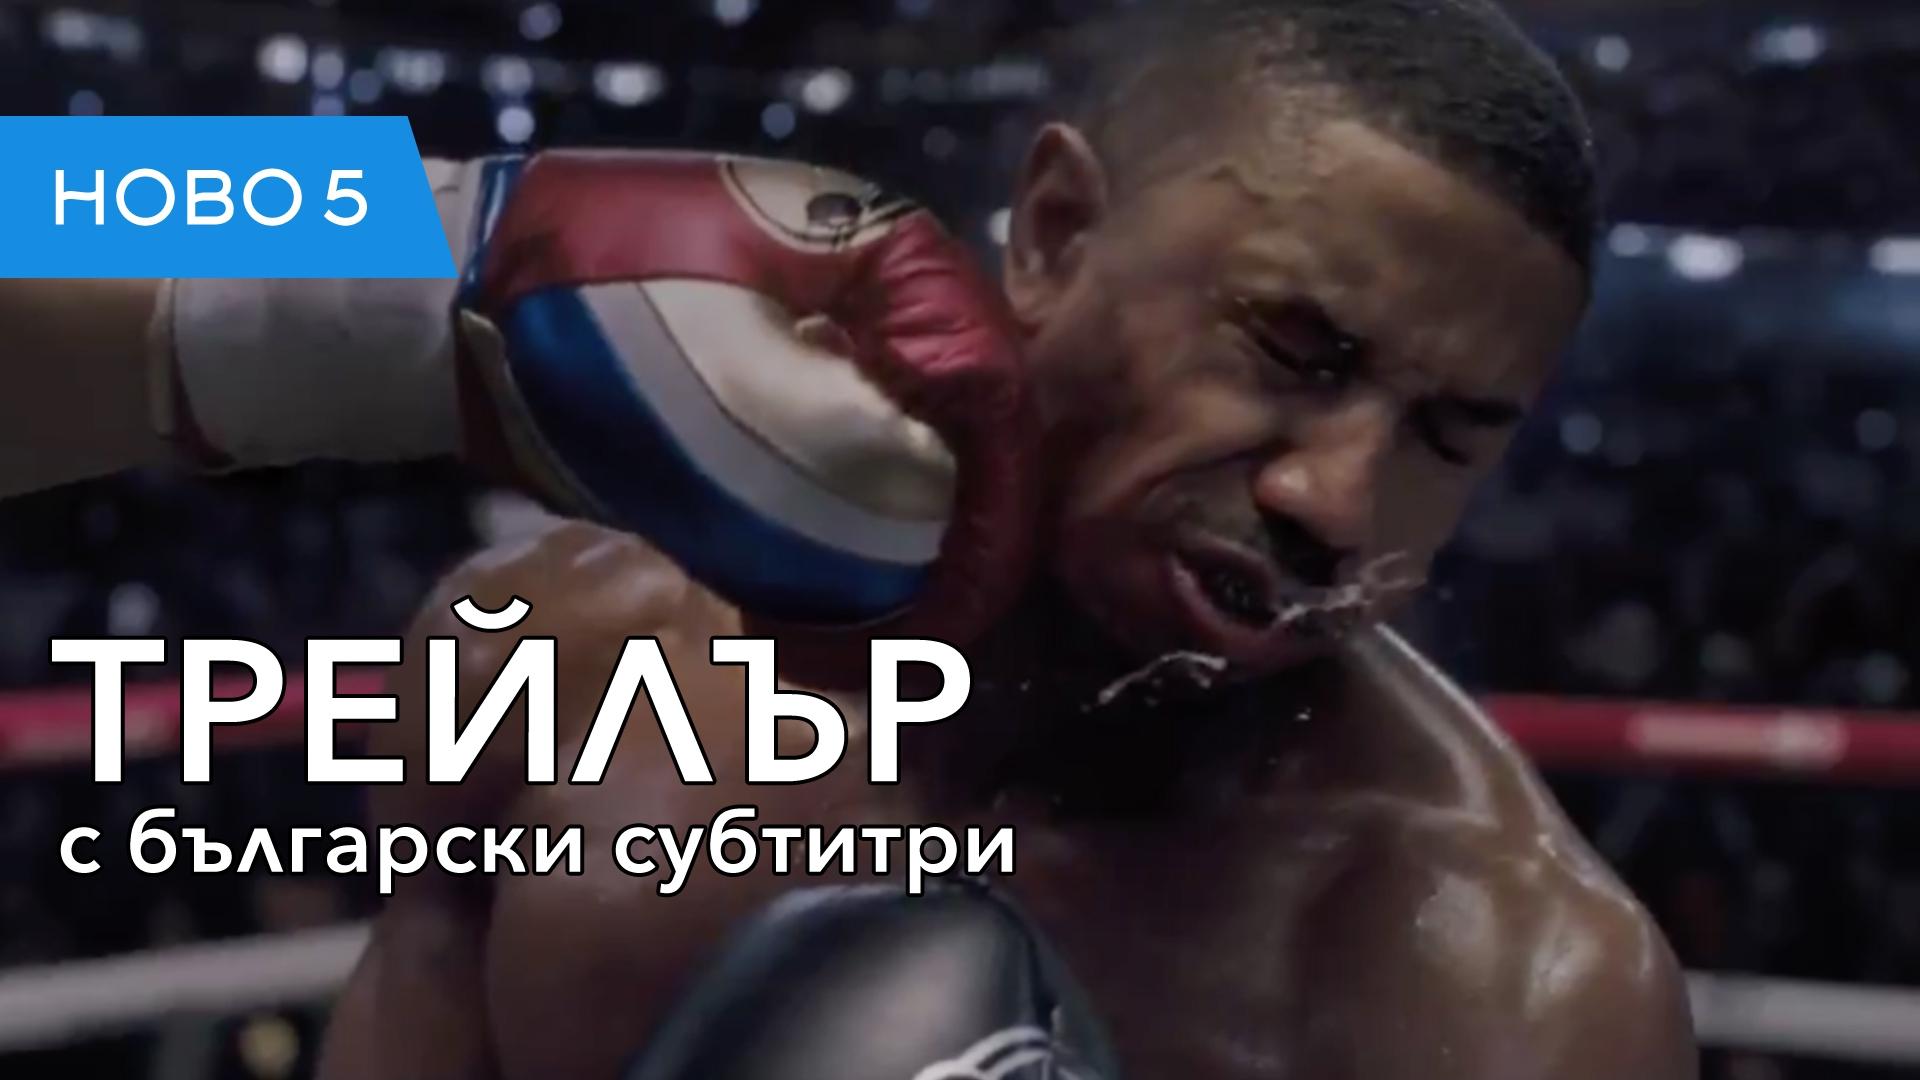 Крийд 2 (2018) трейлър с български субтитри